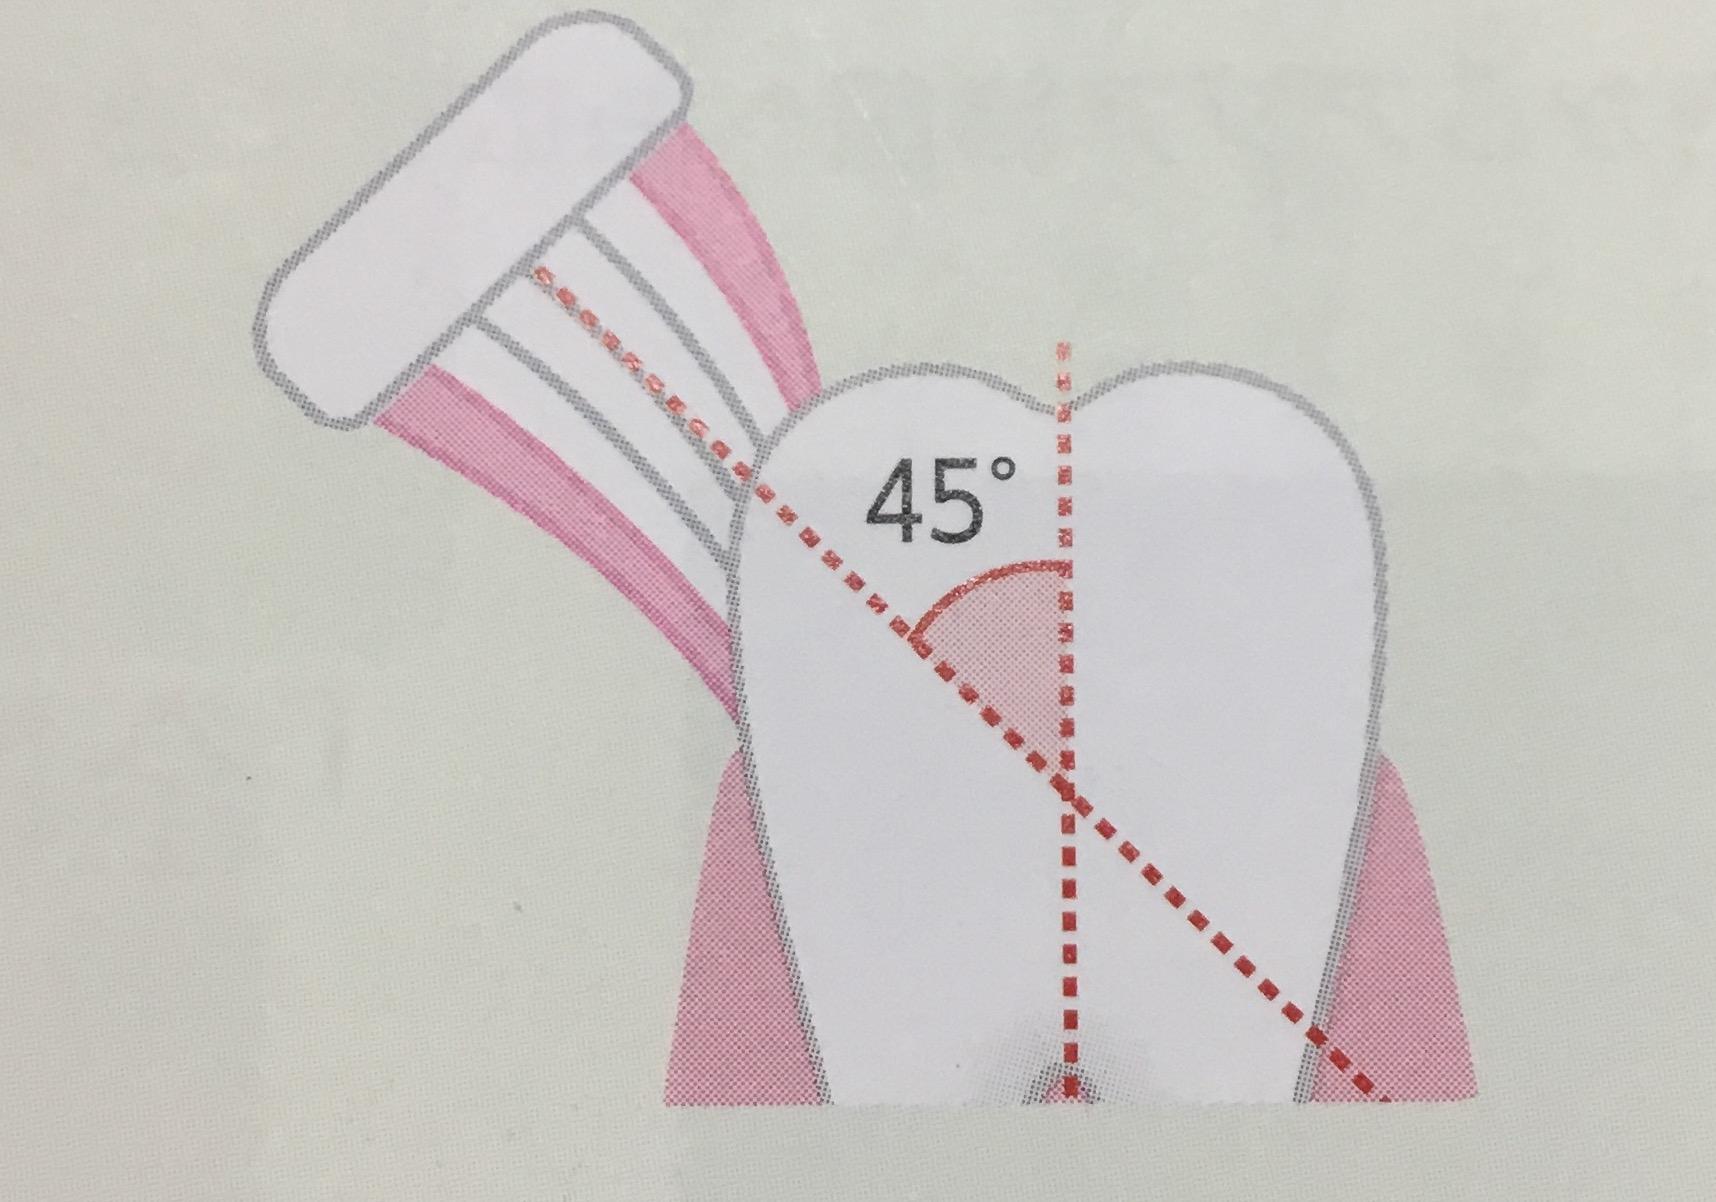 歯ブラシは45度に当てる